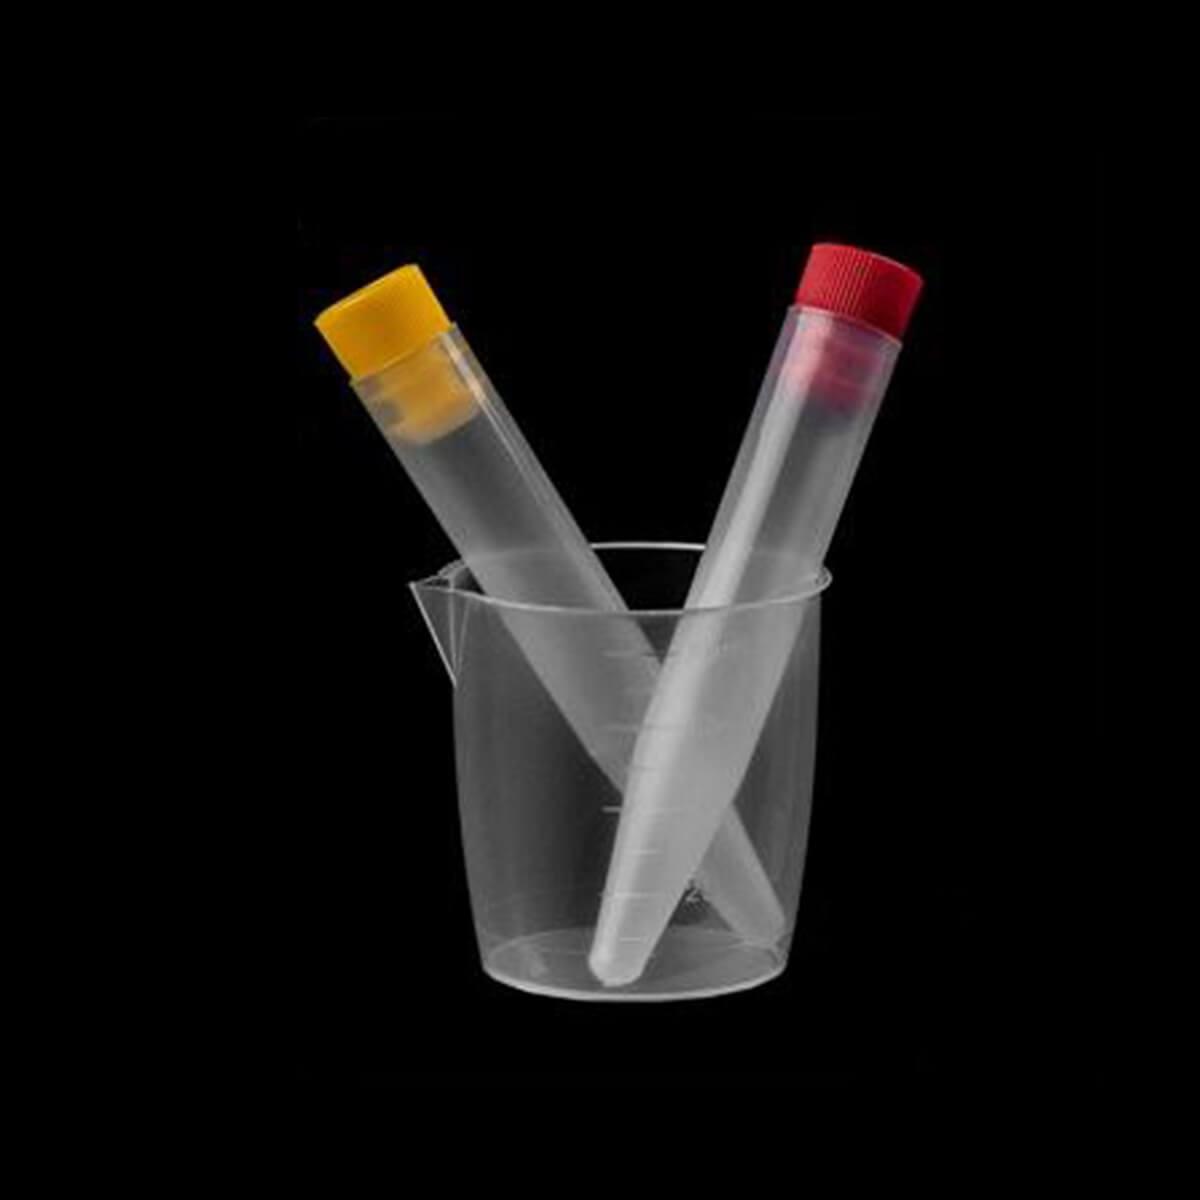 Kit de Urina 02 Tubos Pp 10ml Tampa Amarela / Vermelha Estéril